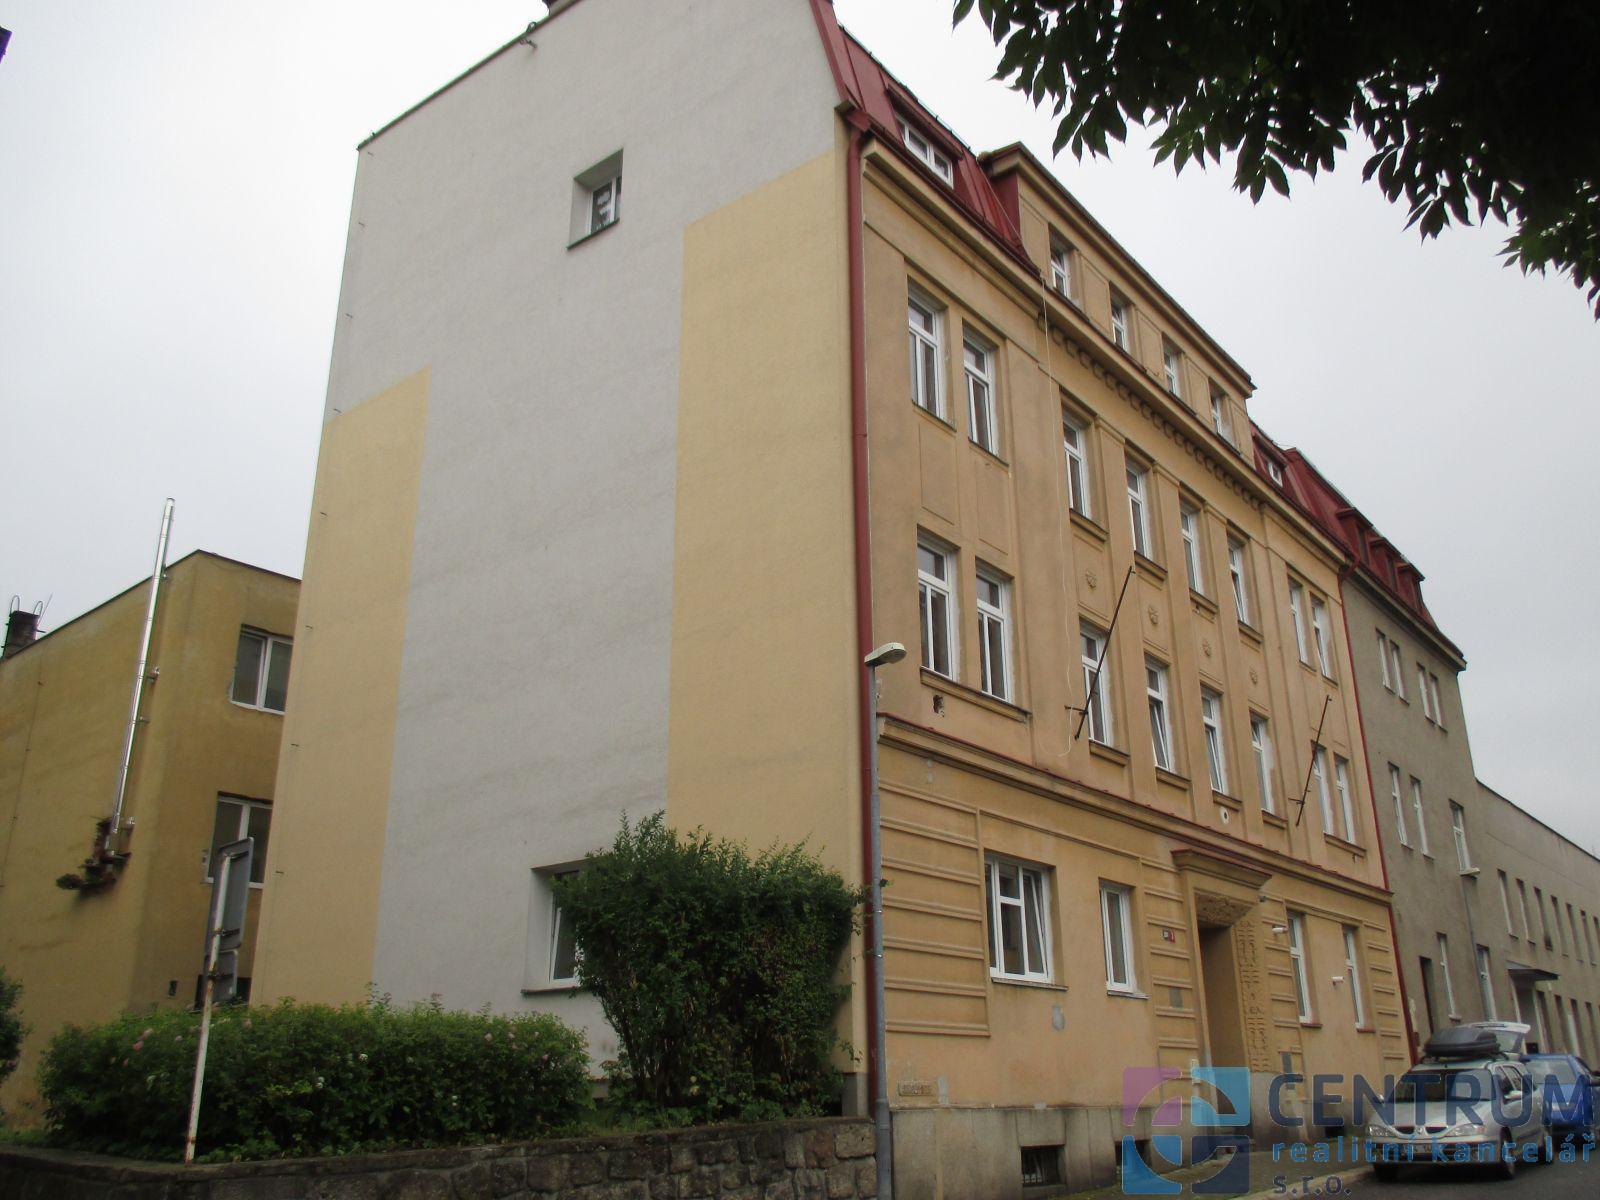 Pronájem bytu 3+1, ul. V Luzích, Jablonec nad Nisou.